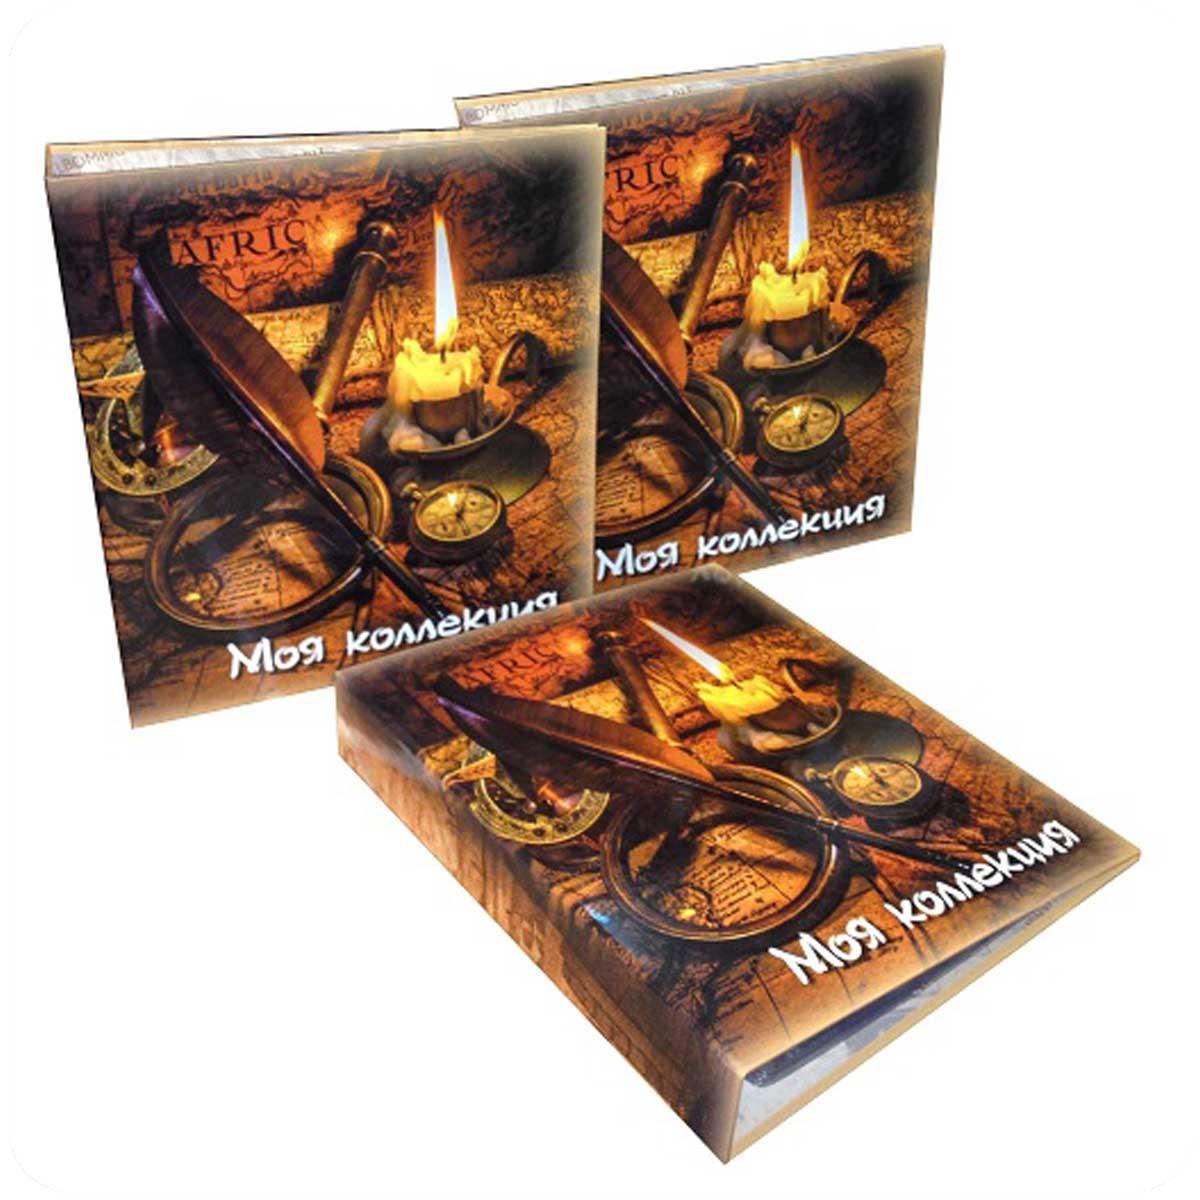 Коллекция альбомы историческая провинция на юго востоке франции